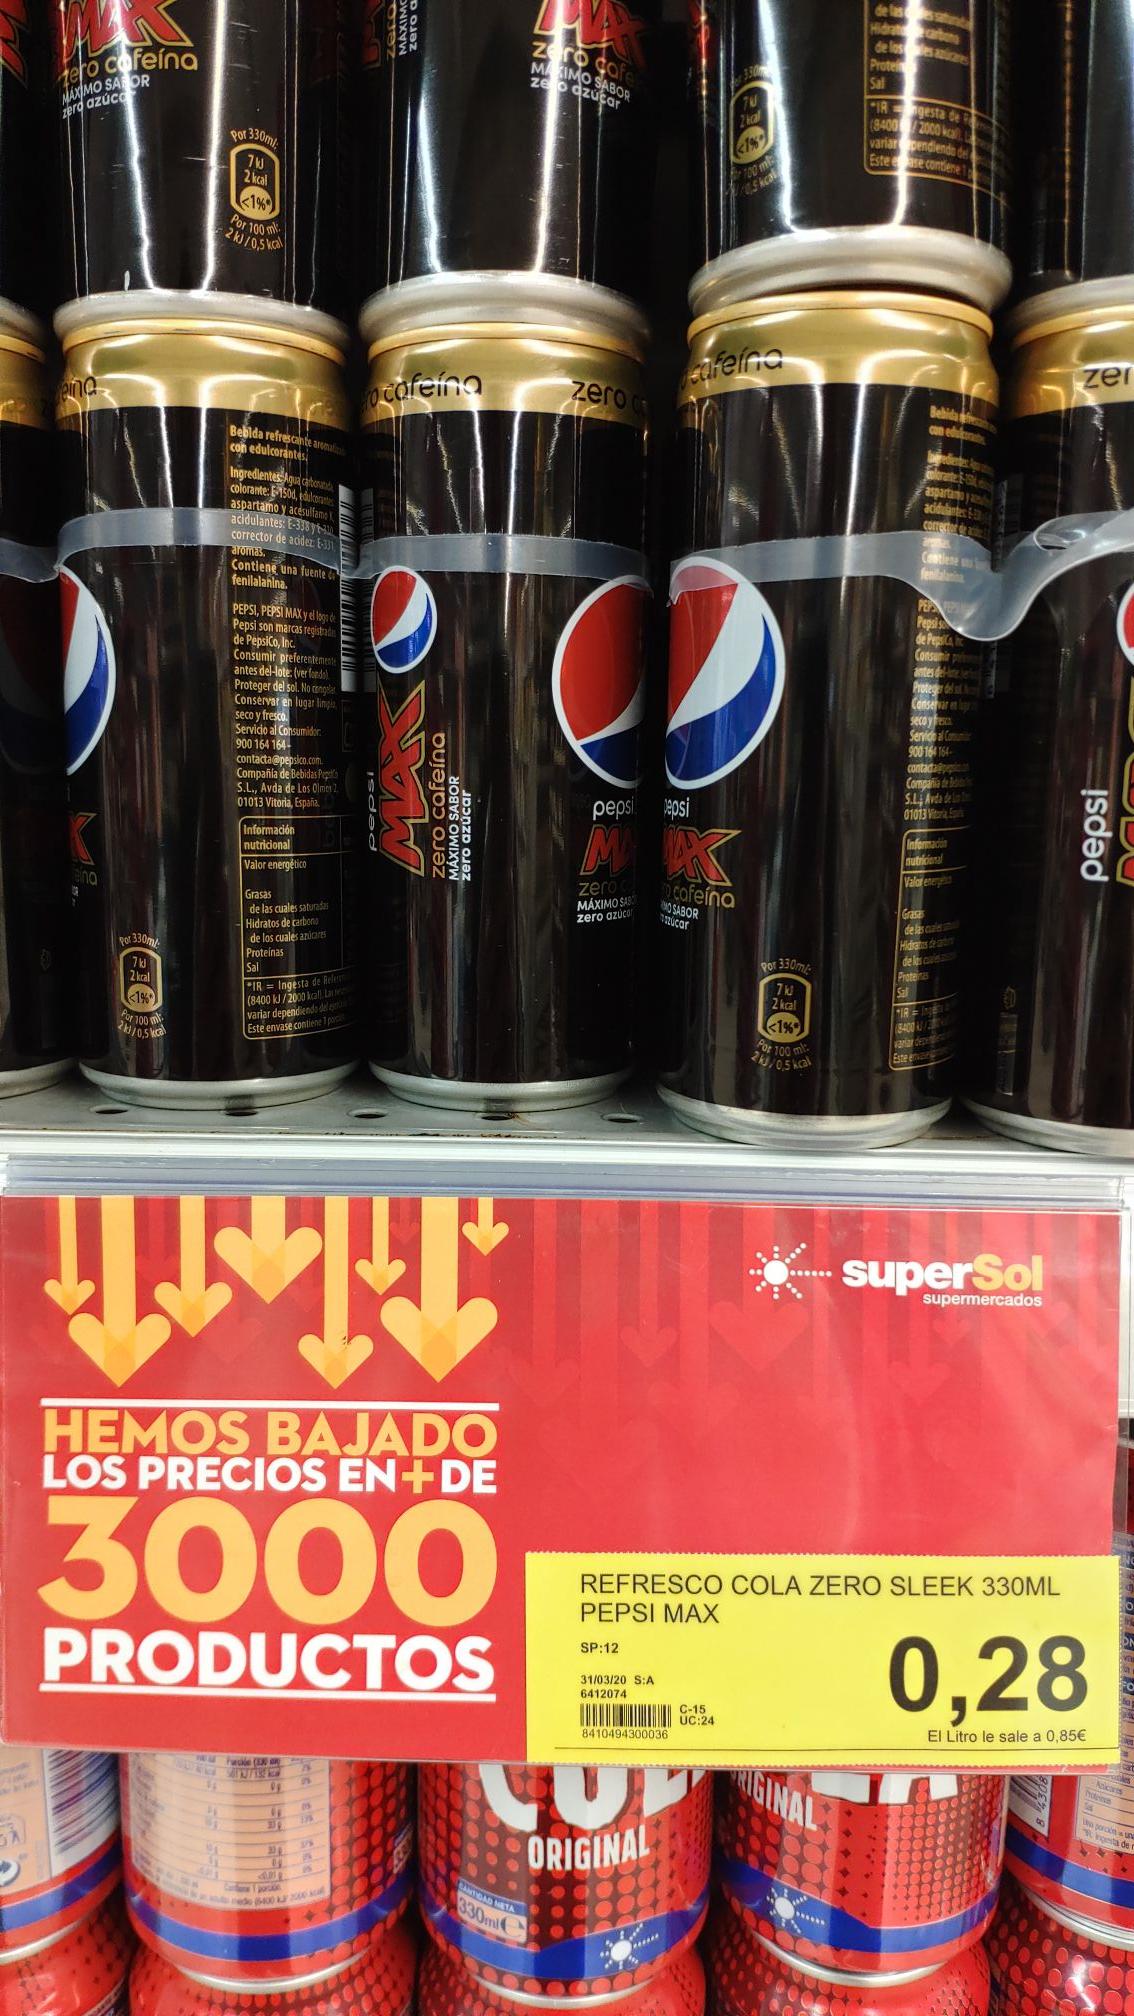 Pepsi Max Zero Cafeína Supersol Almonte